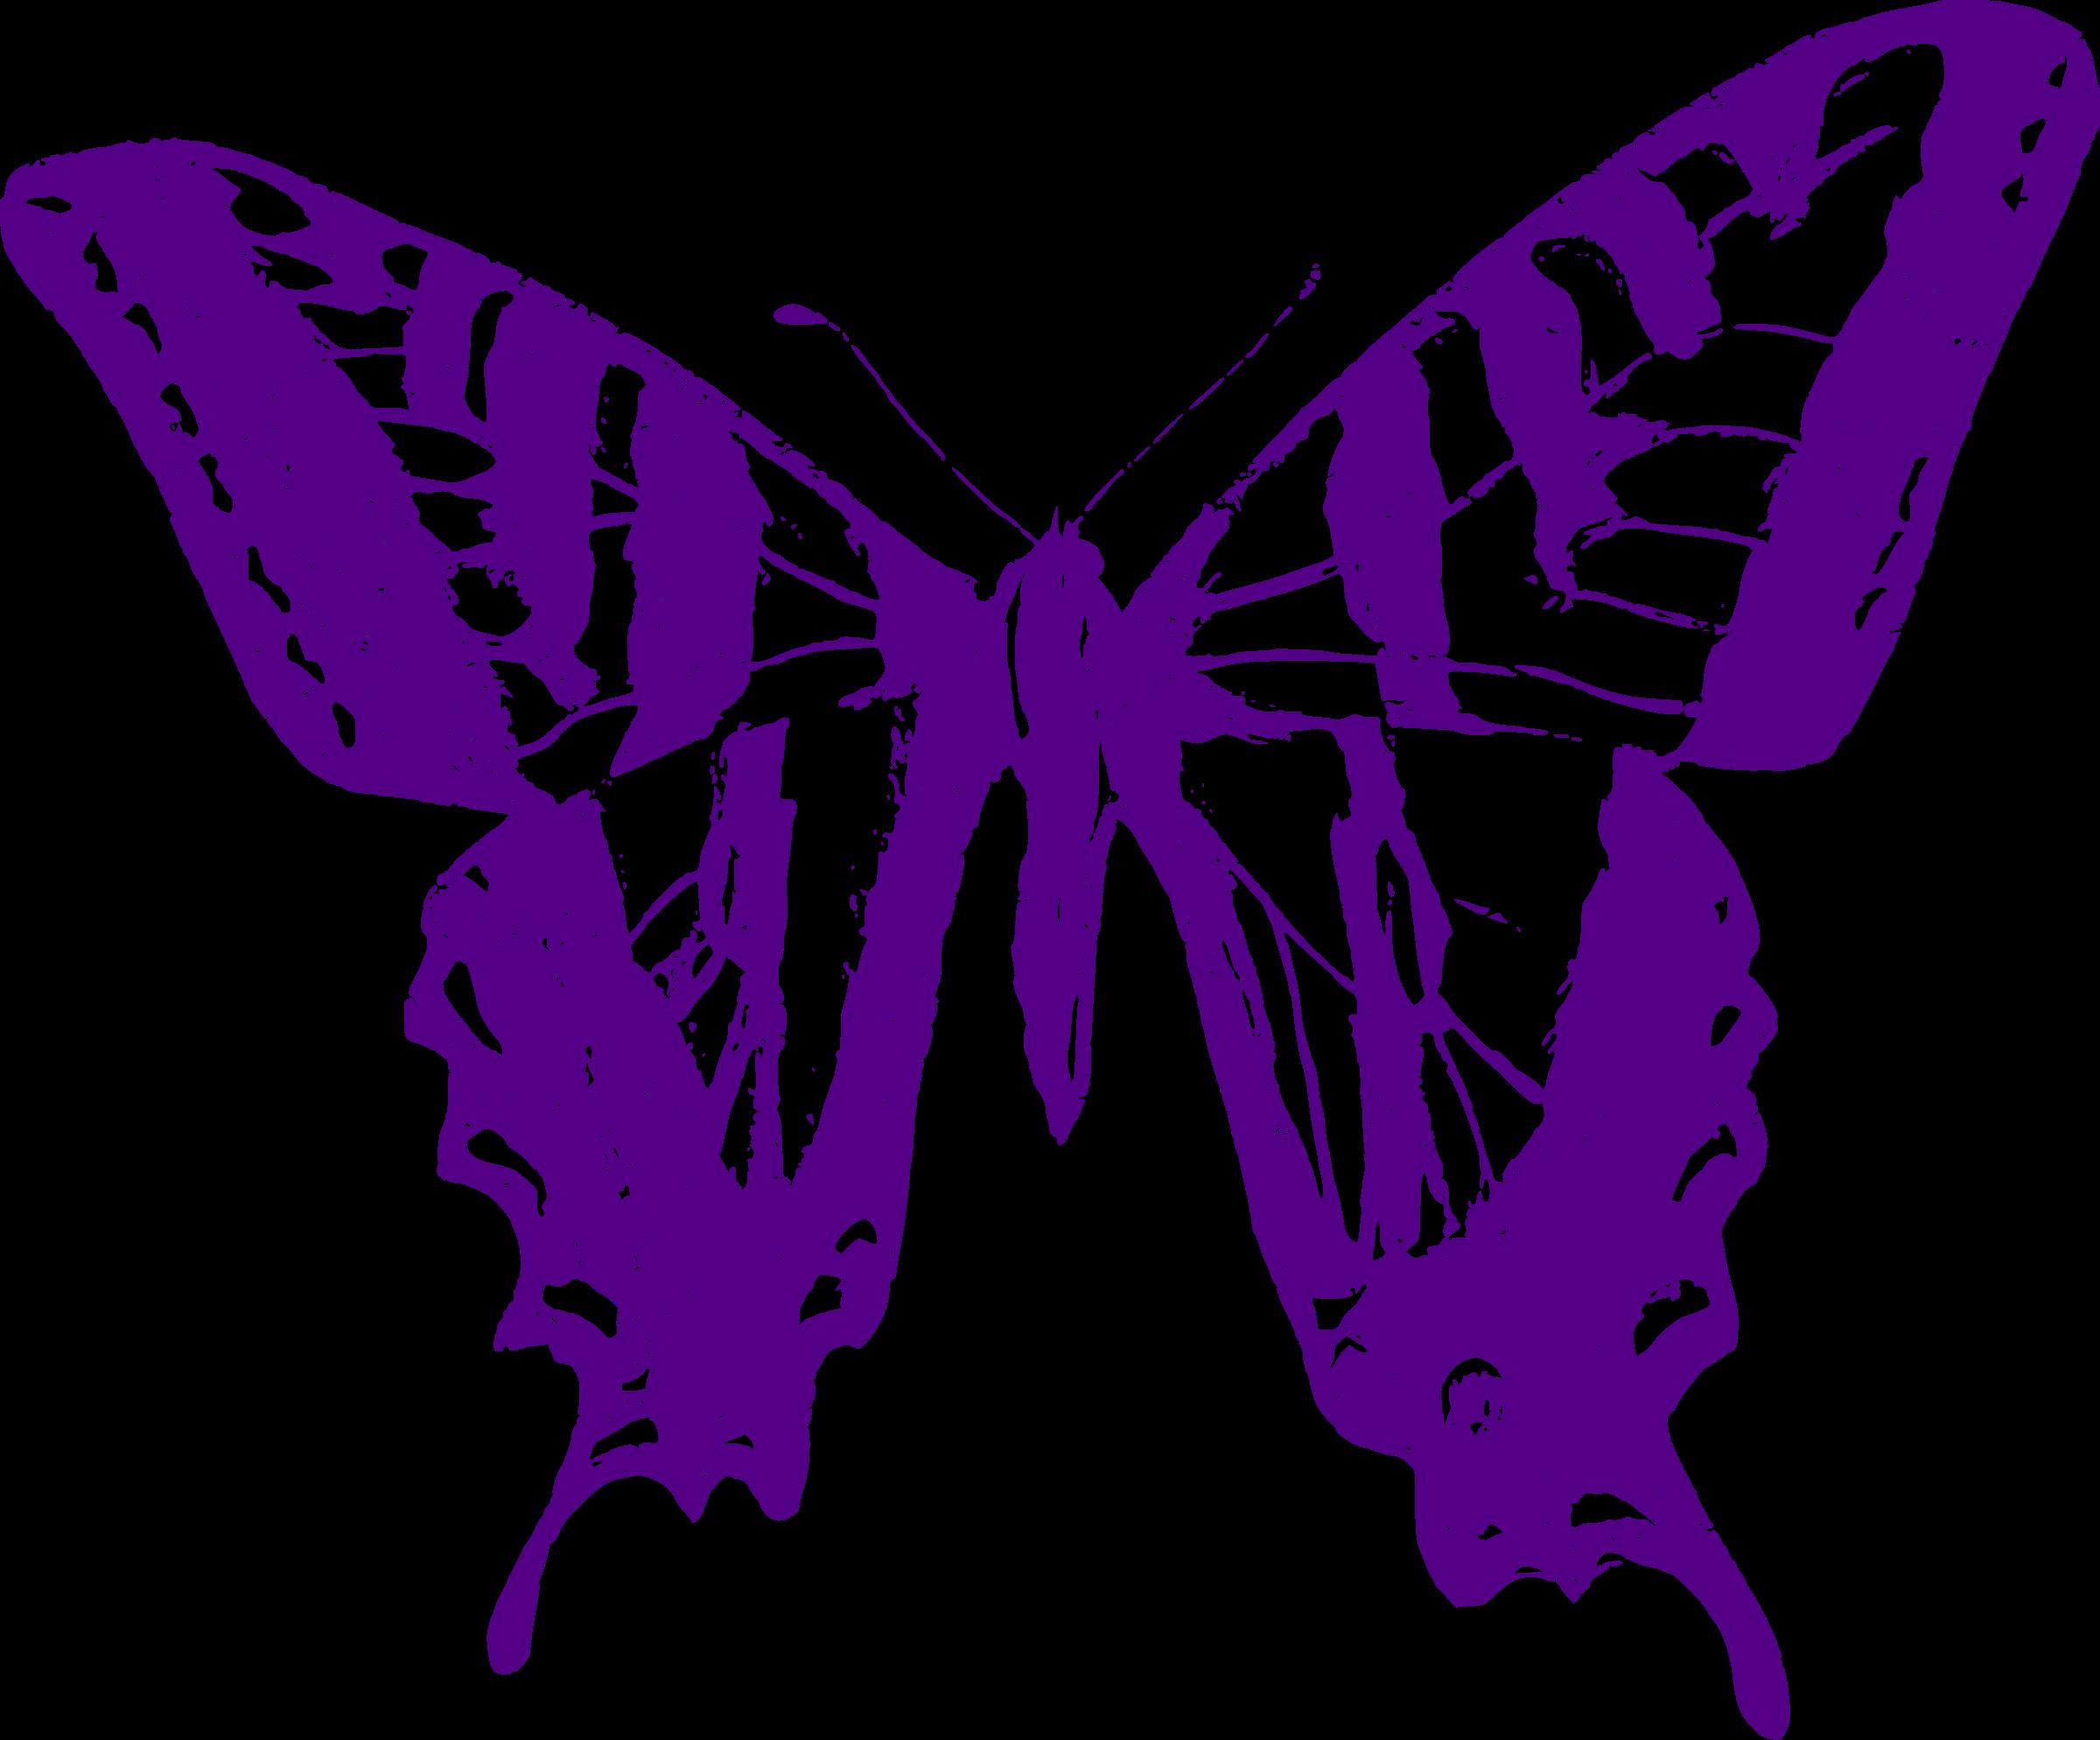 Transparent purple butterflies clipart - Purple Butterfly Purple Butterfly Png - Swallowtail Butterfly Food Chain